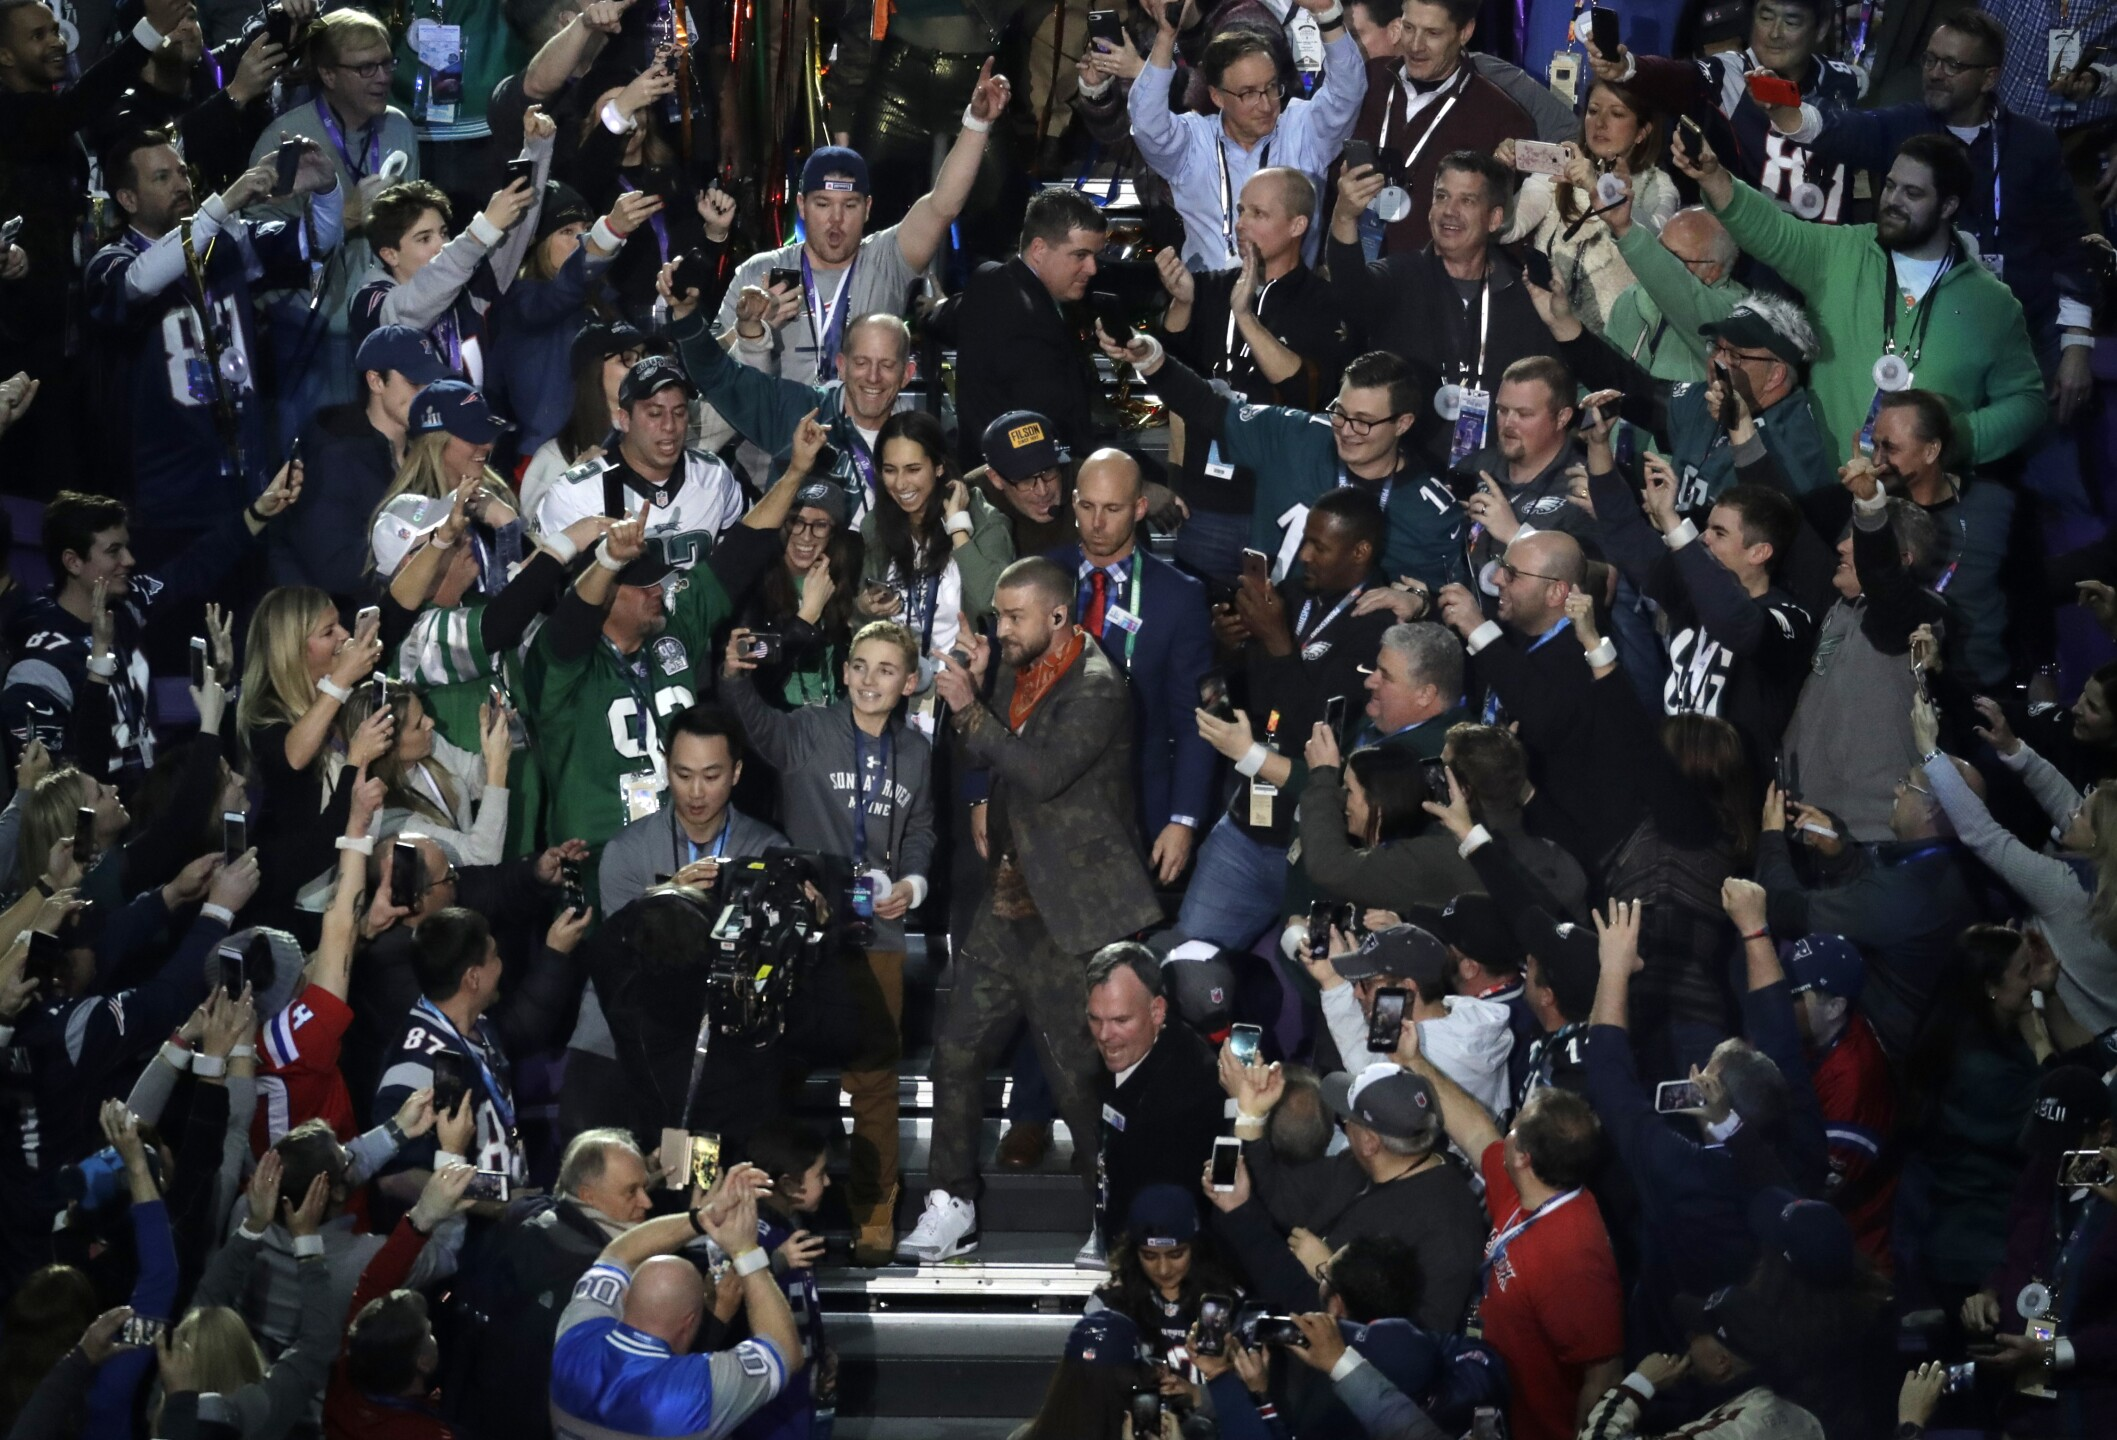 Photos: Past Super Bowl halftime performances